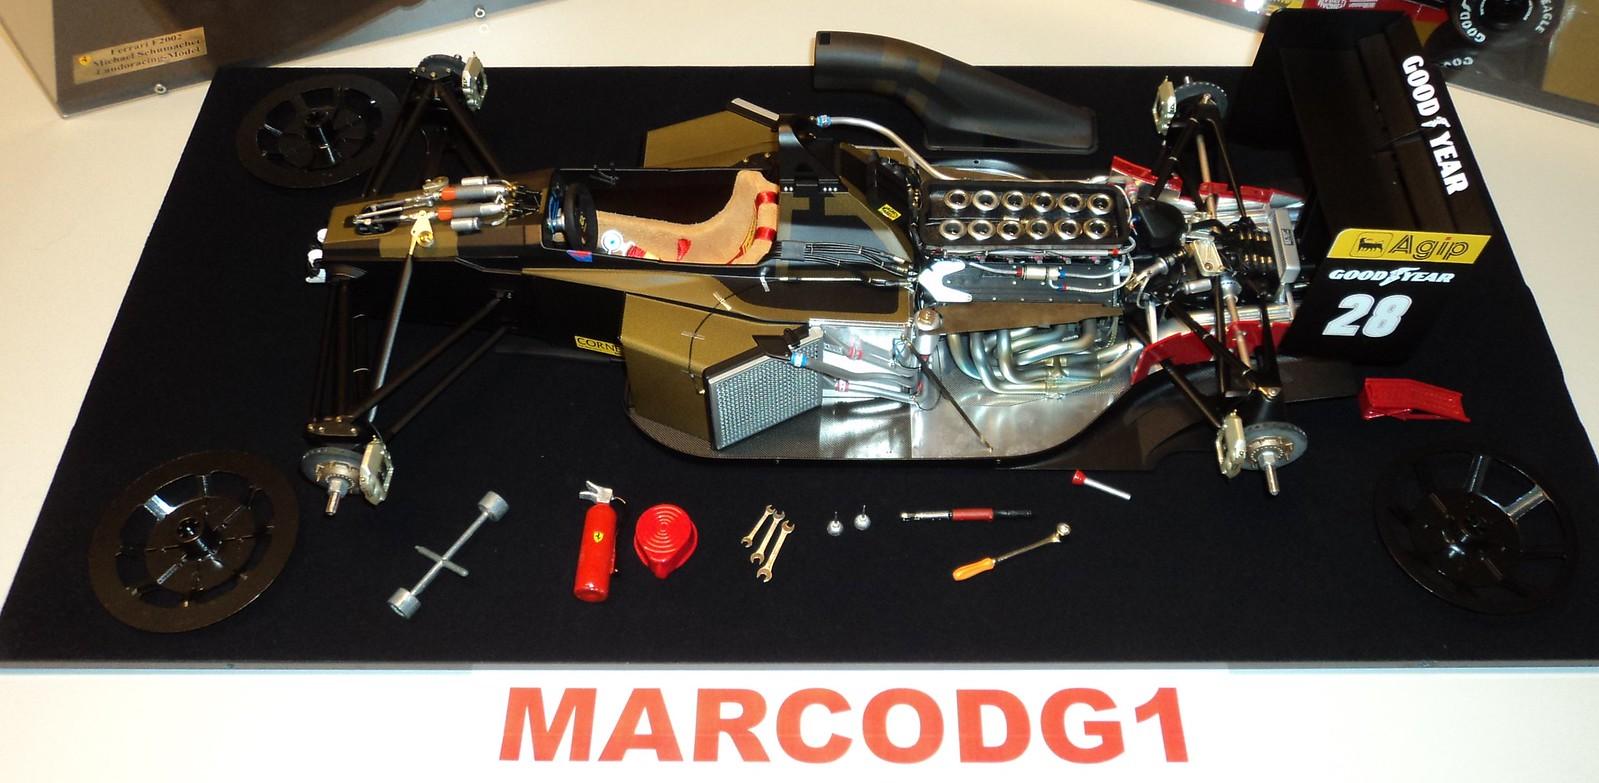 Ferrari 643 Wrx Flickr